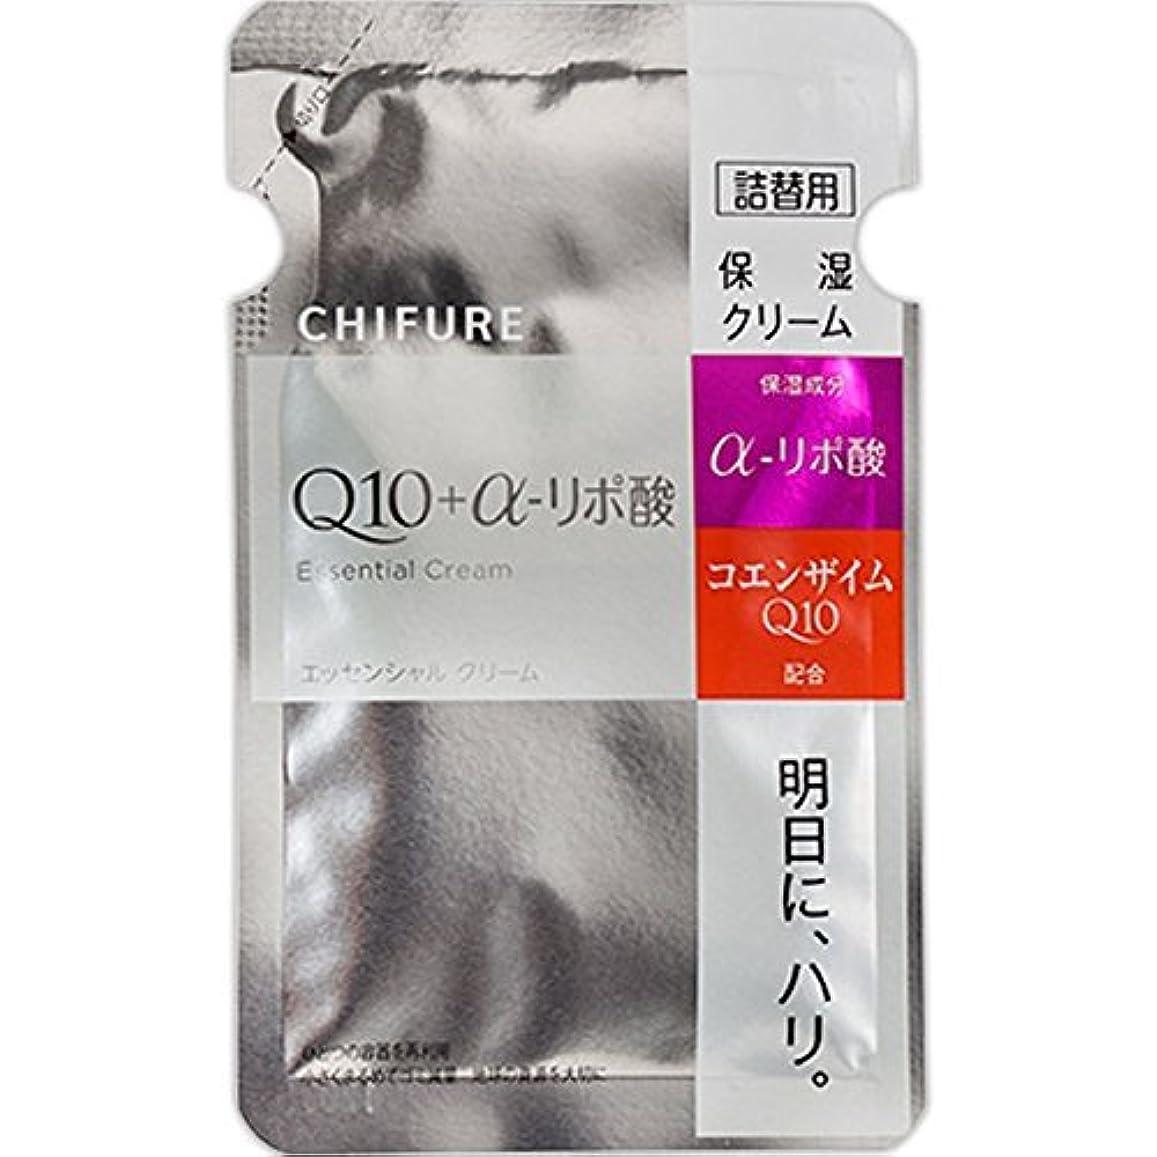 満足できる承認する勤勉なちふれ化粧品 エッセンシャル クリーム 詰替用 30G